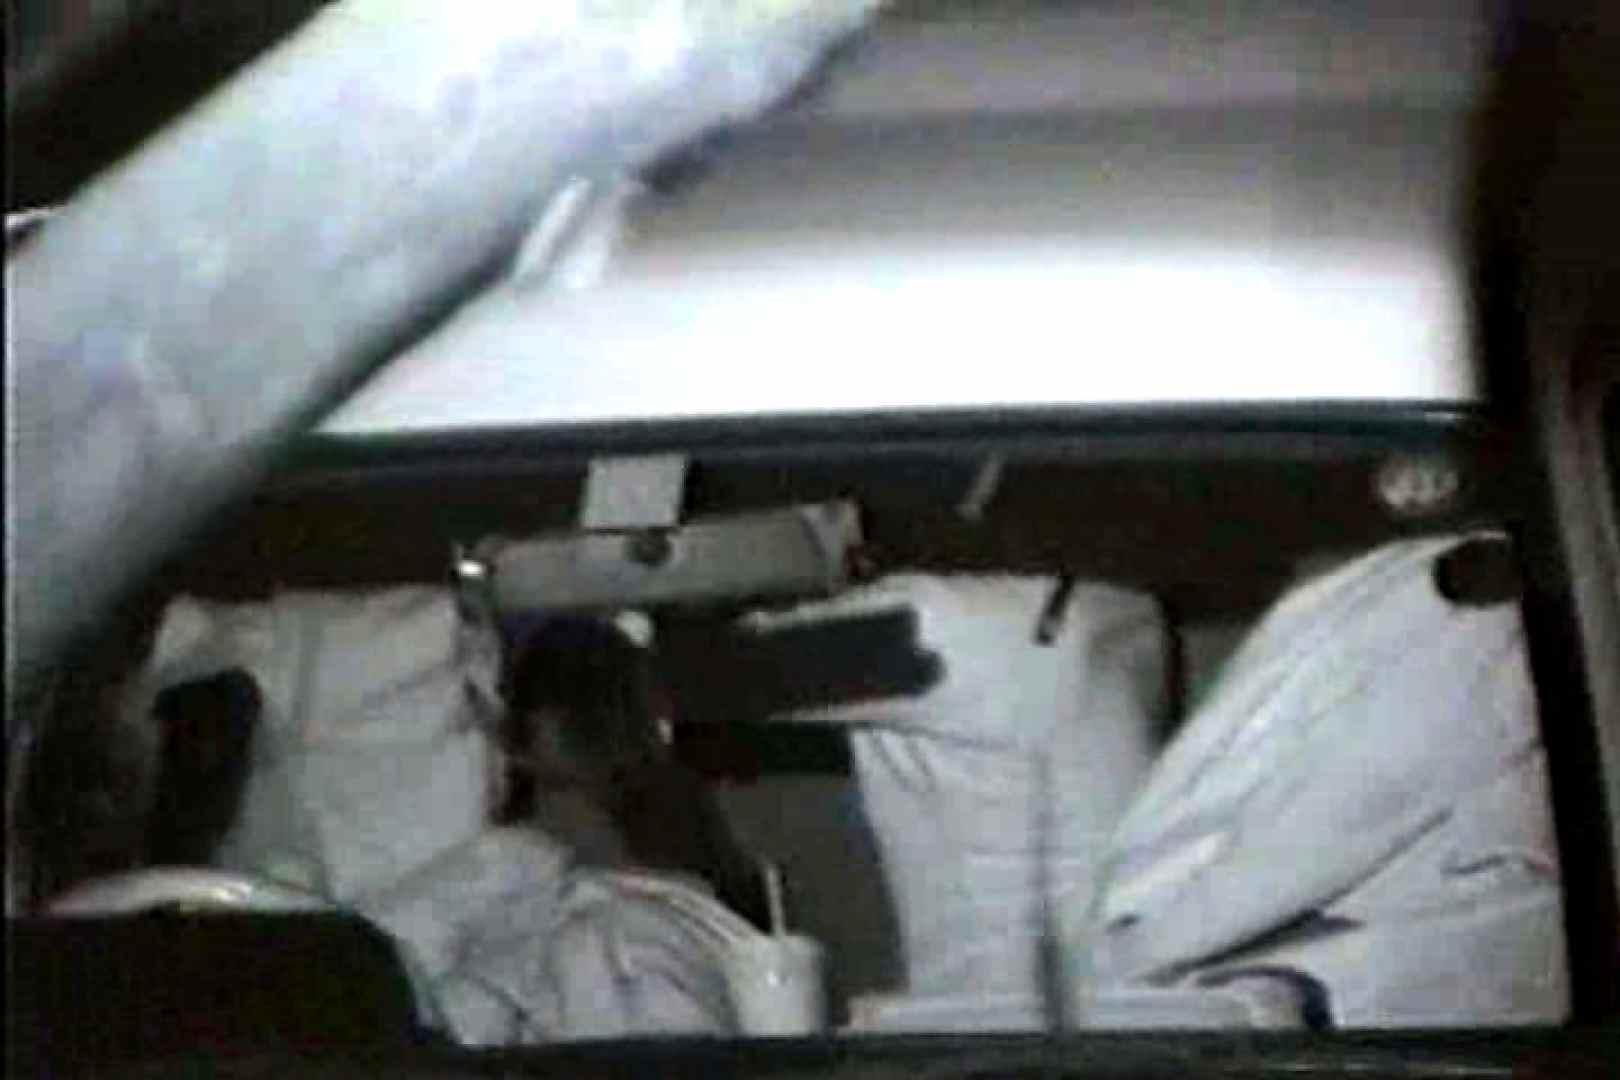 車の中はラブホテル 無修正版  Vol.8 望遠 われめAV動画紹介 68連発 37